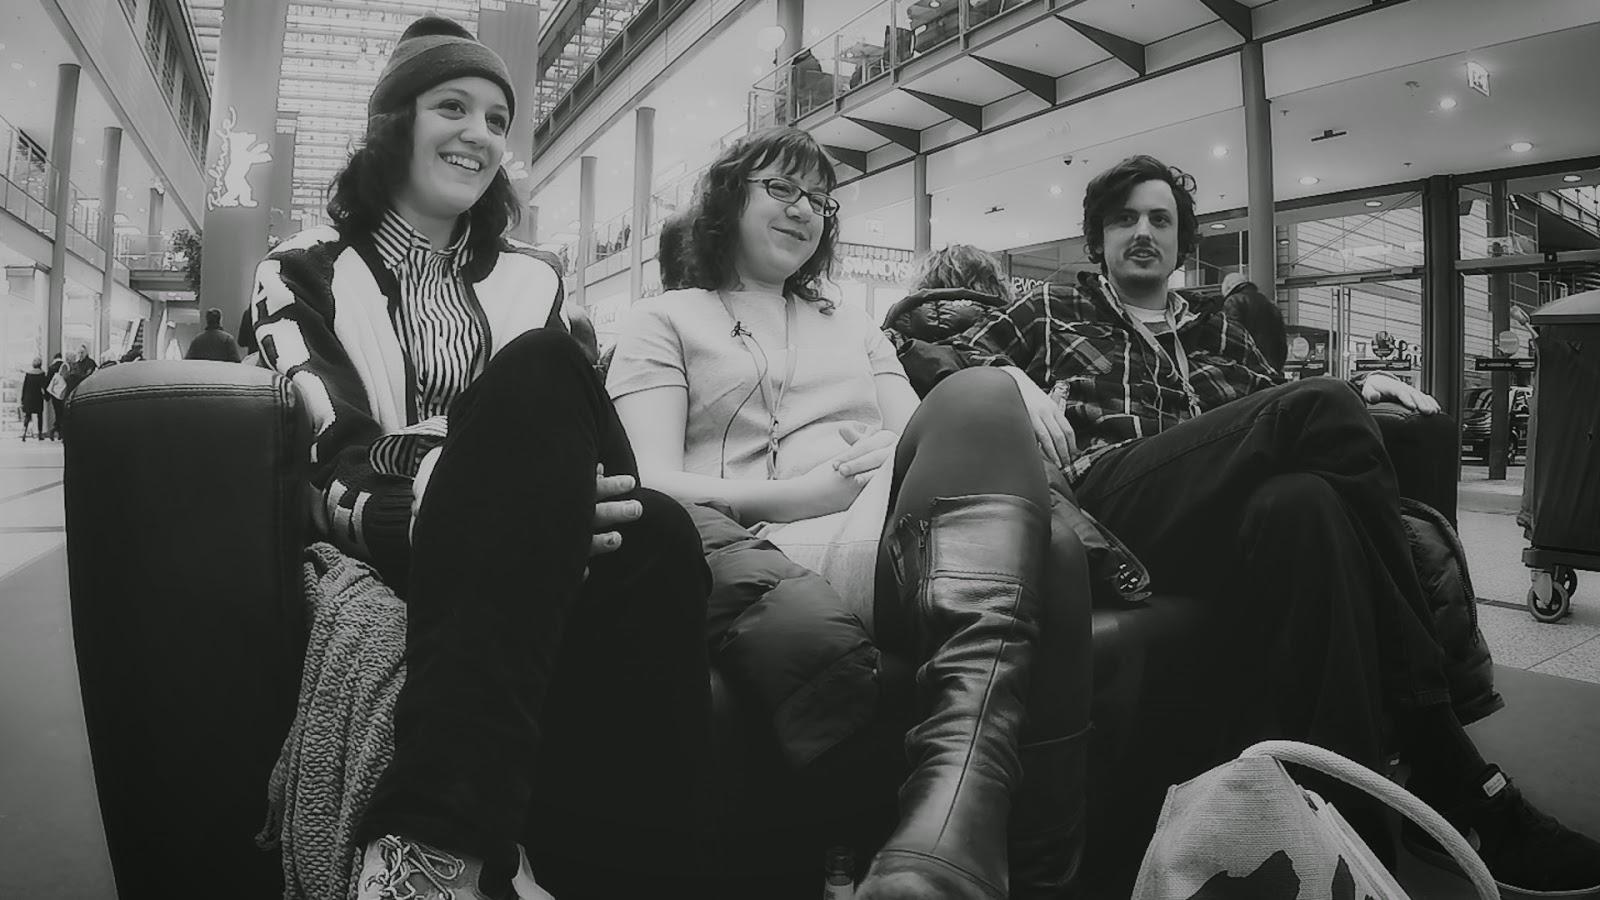 Eleanore Pienta, Joanna Arnow, Keith Poulson / Foto: Daniel Pook / Short-Talks.de